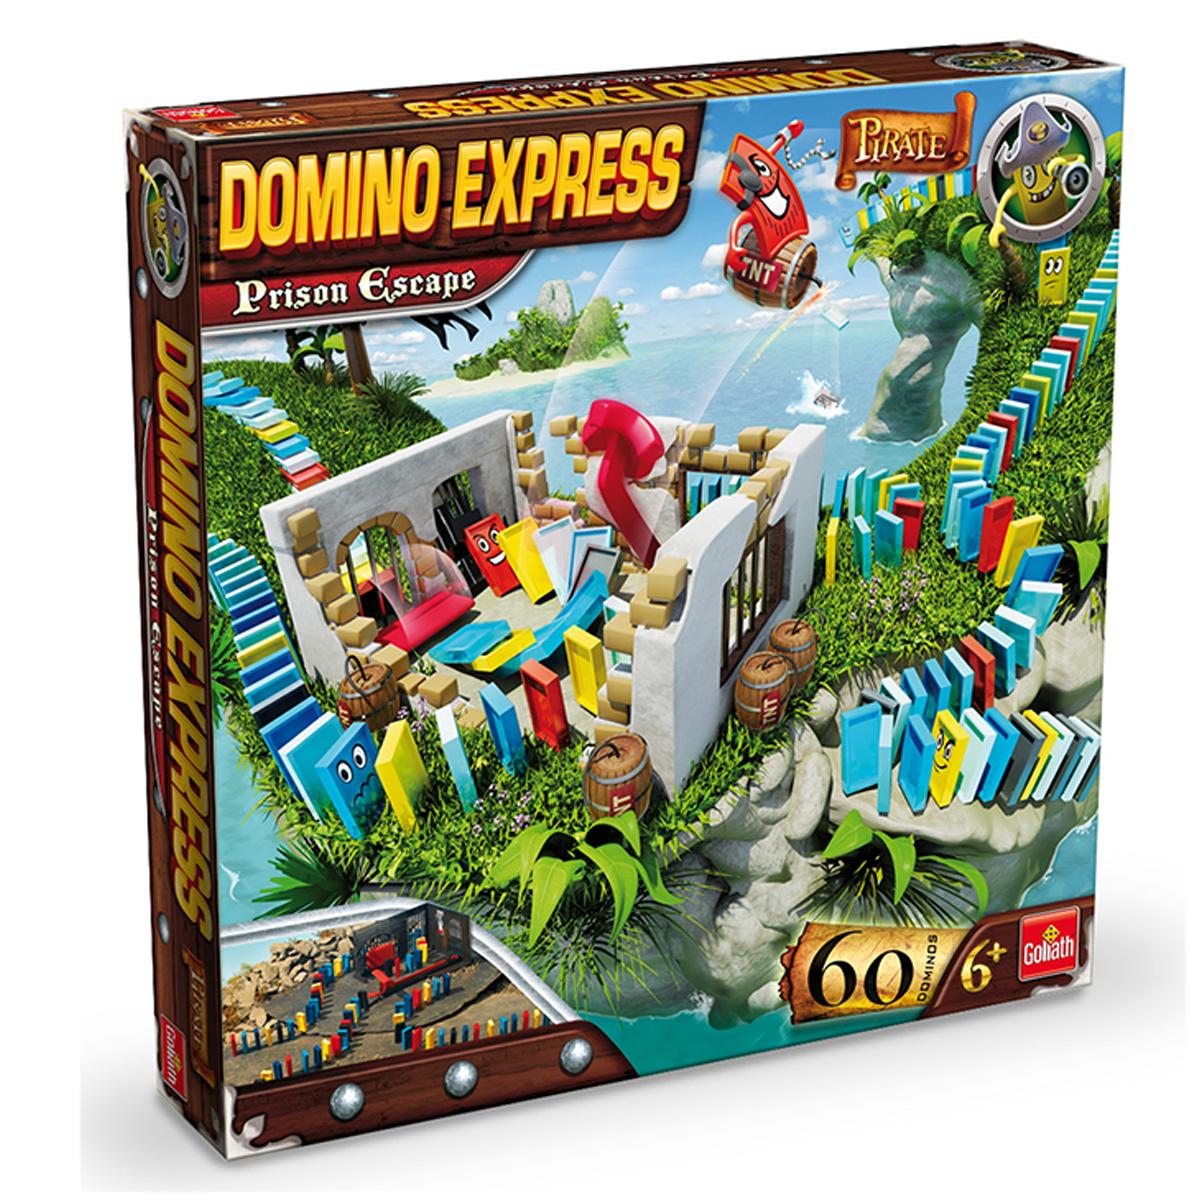 Domino express - Prison escape